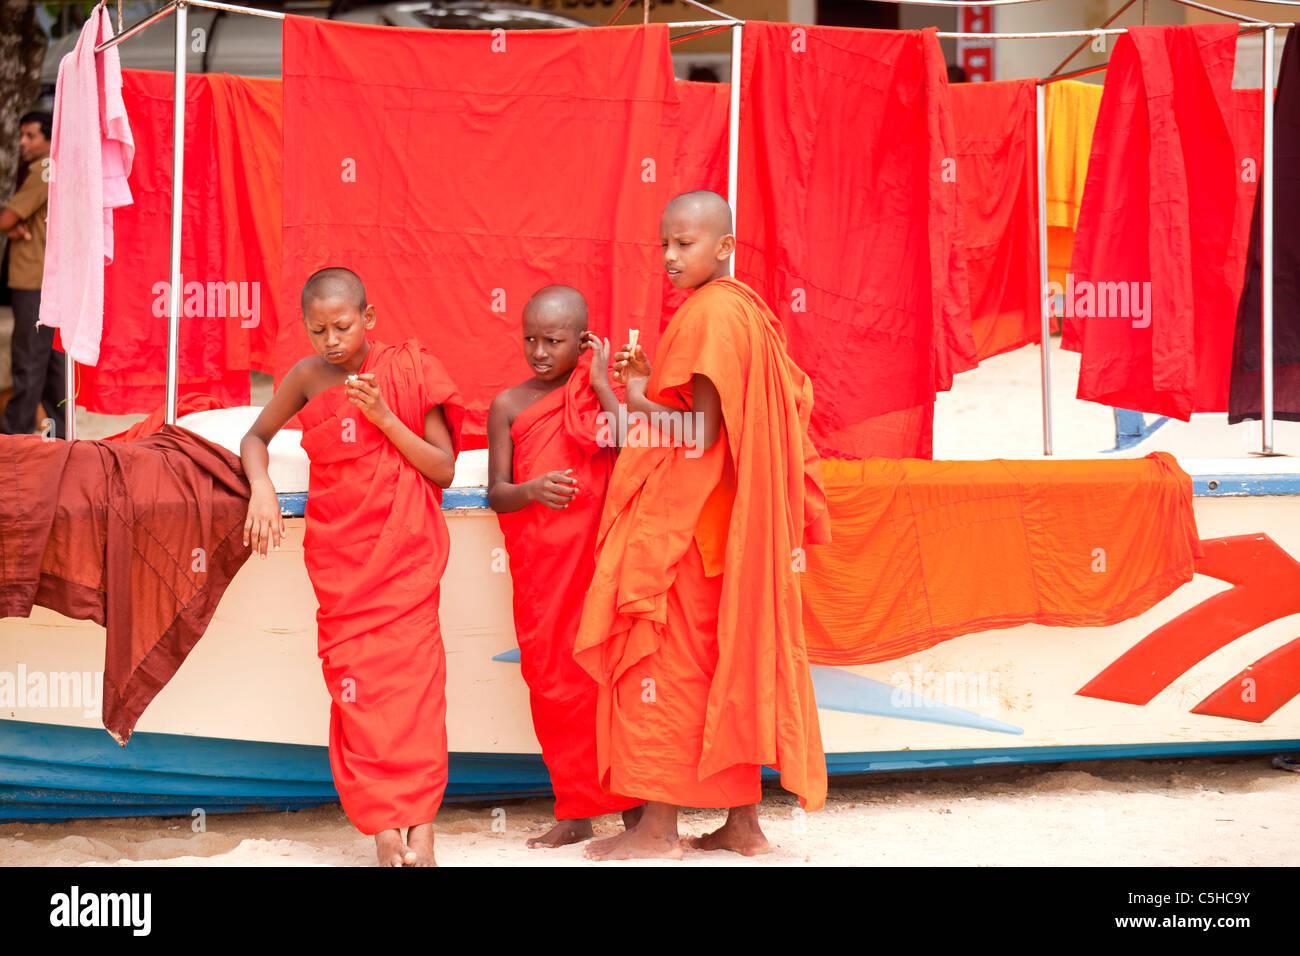 buddhistischen Novizen im typischen Orange robe und ihre Kleidung Linie am Strand in Matara, LKA, Polhena, Sri Lanka Stockbild